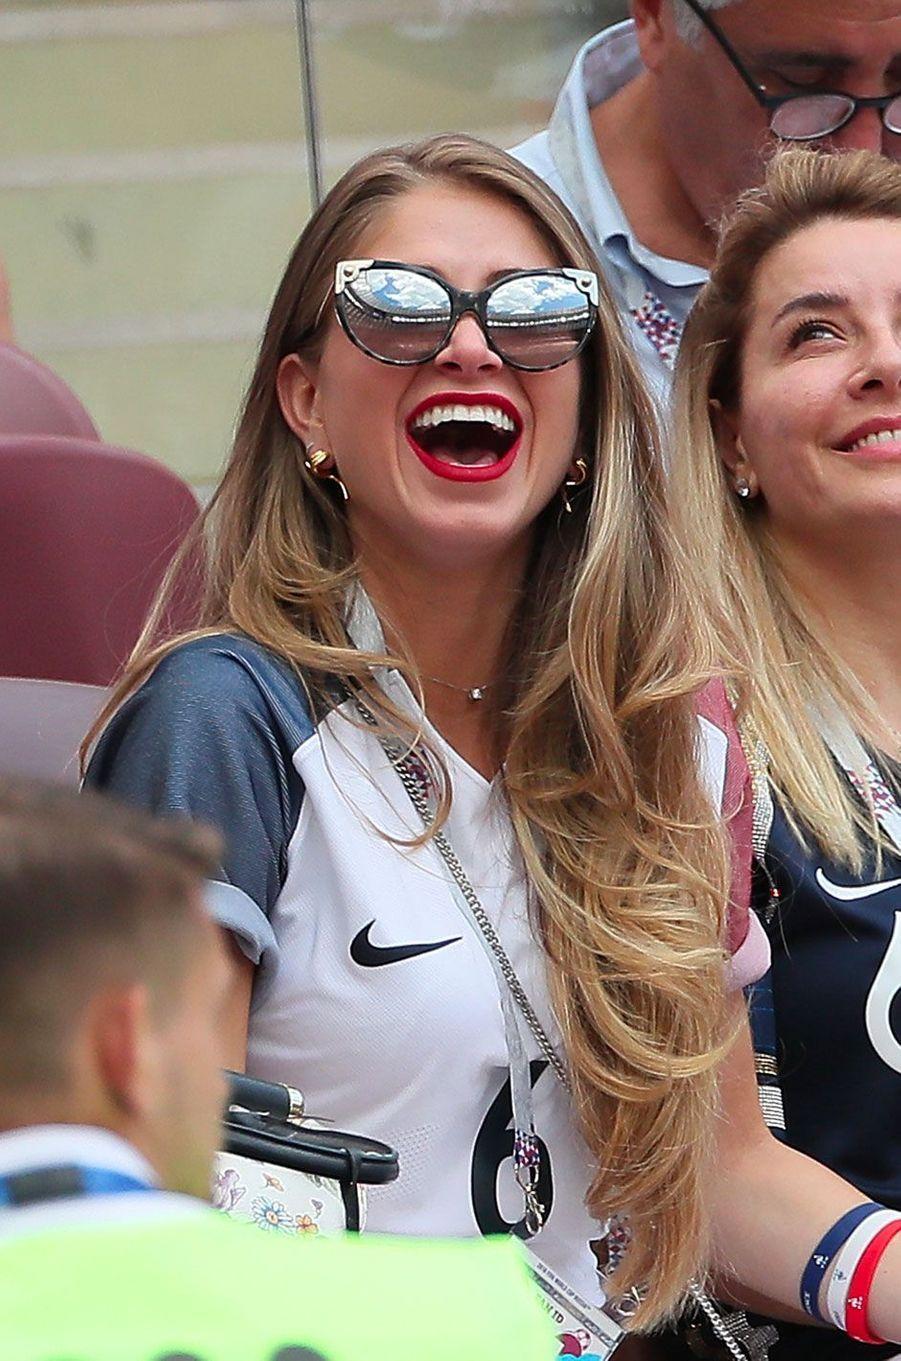 Maria Salaue dans les tribunes du match France-Danemark le 26 juin 2018